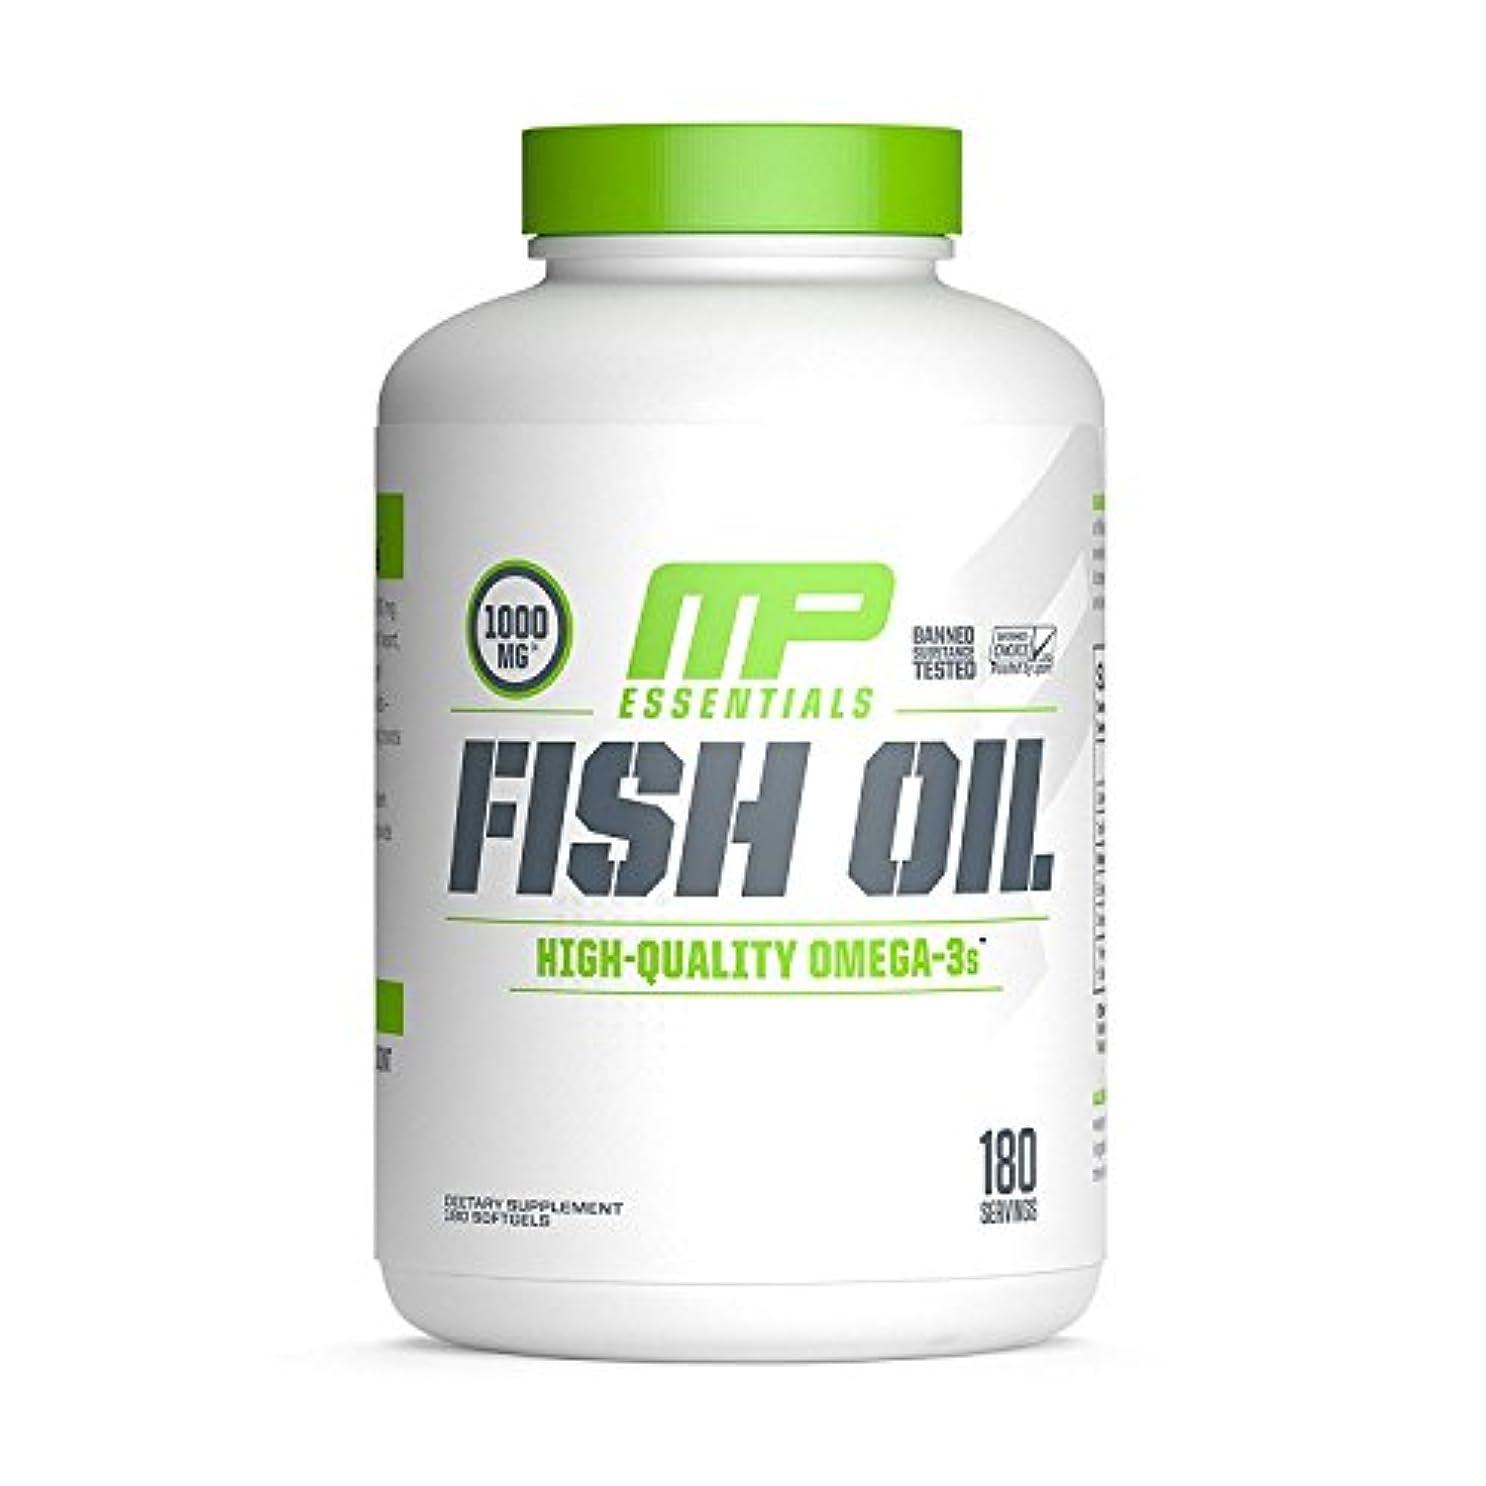 仲介者絶対に没頭する海外直送品 MusclePharm, Fish Oil Essentials 180 Servings [並行輸入品]